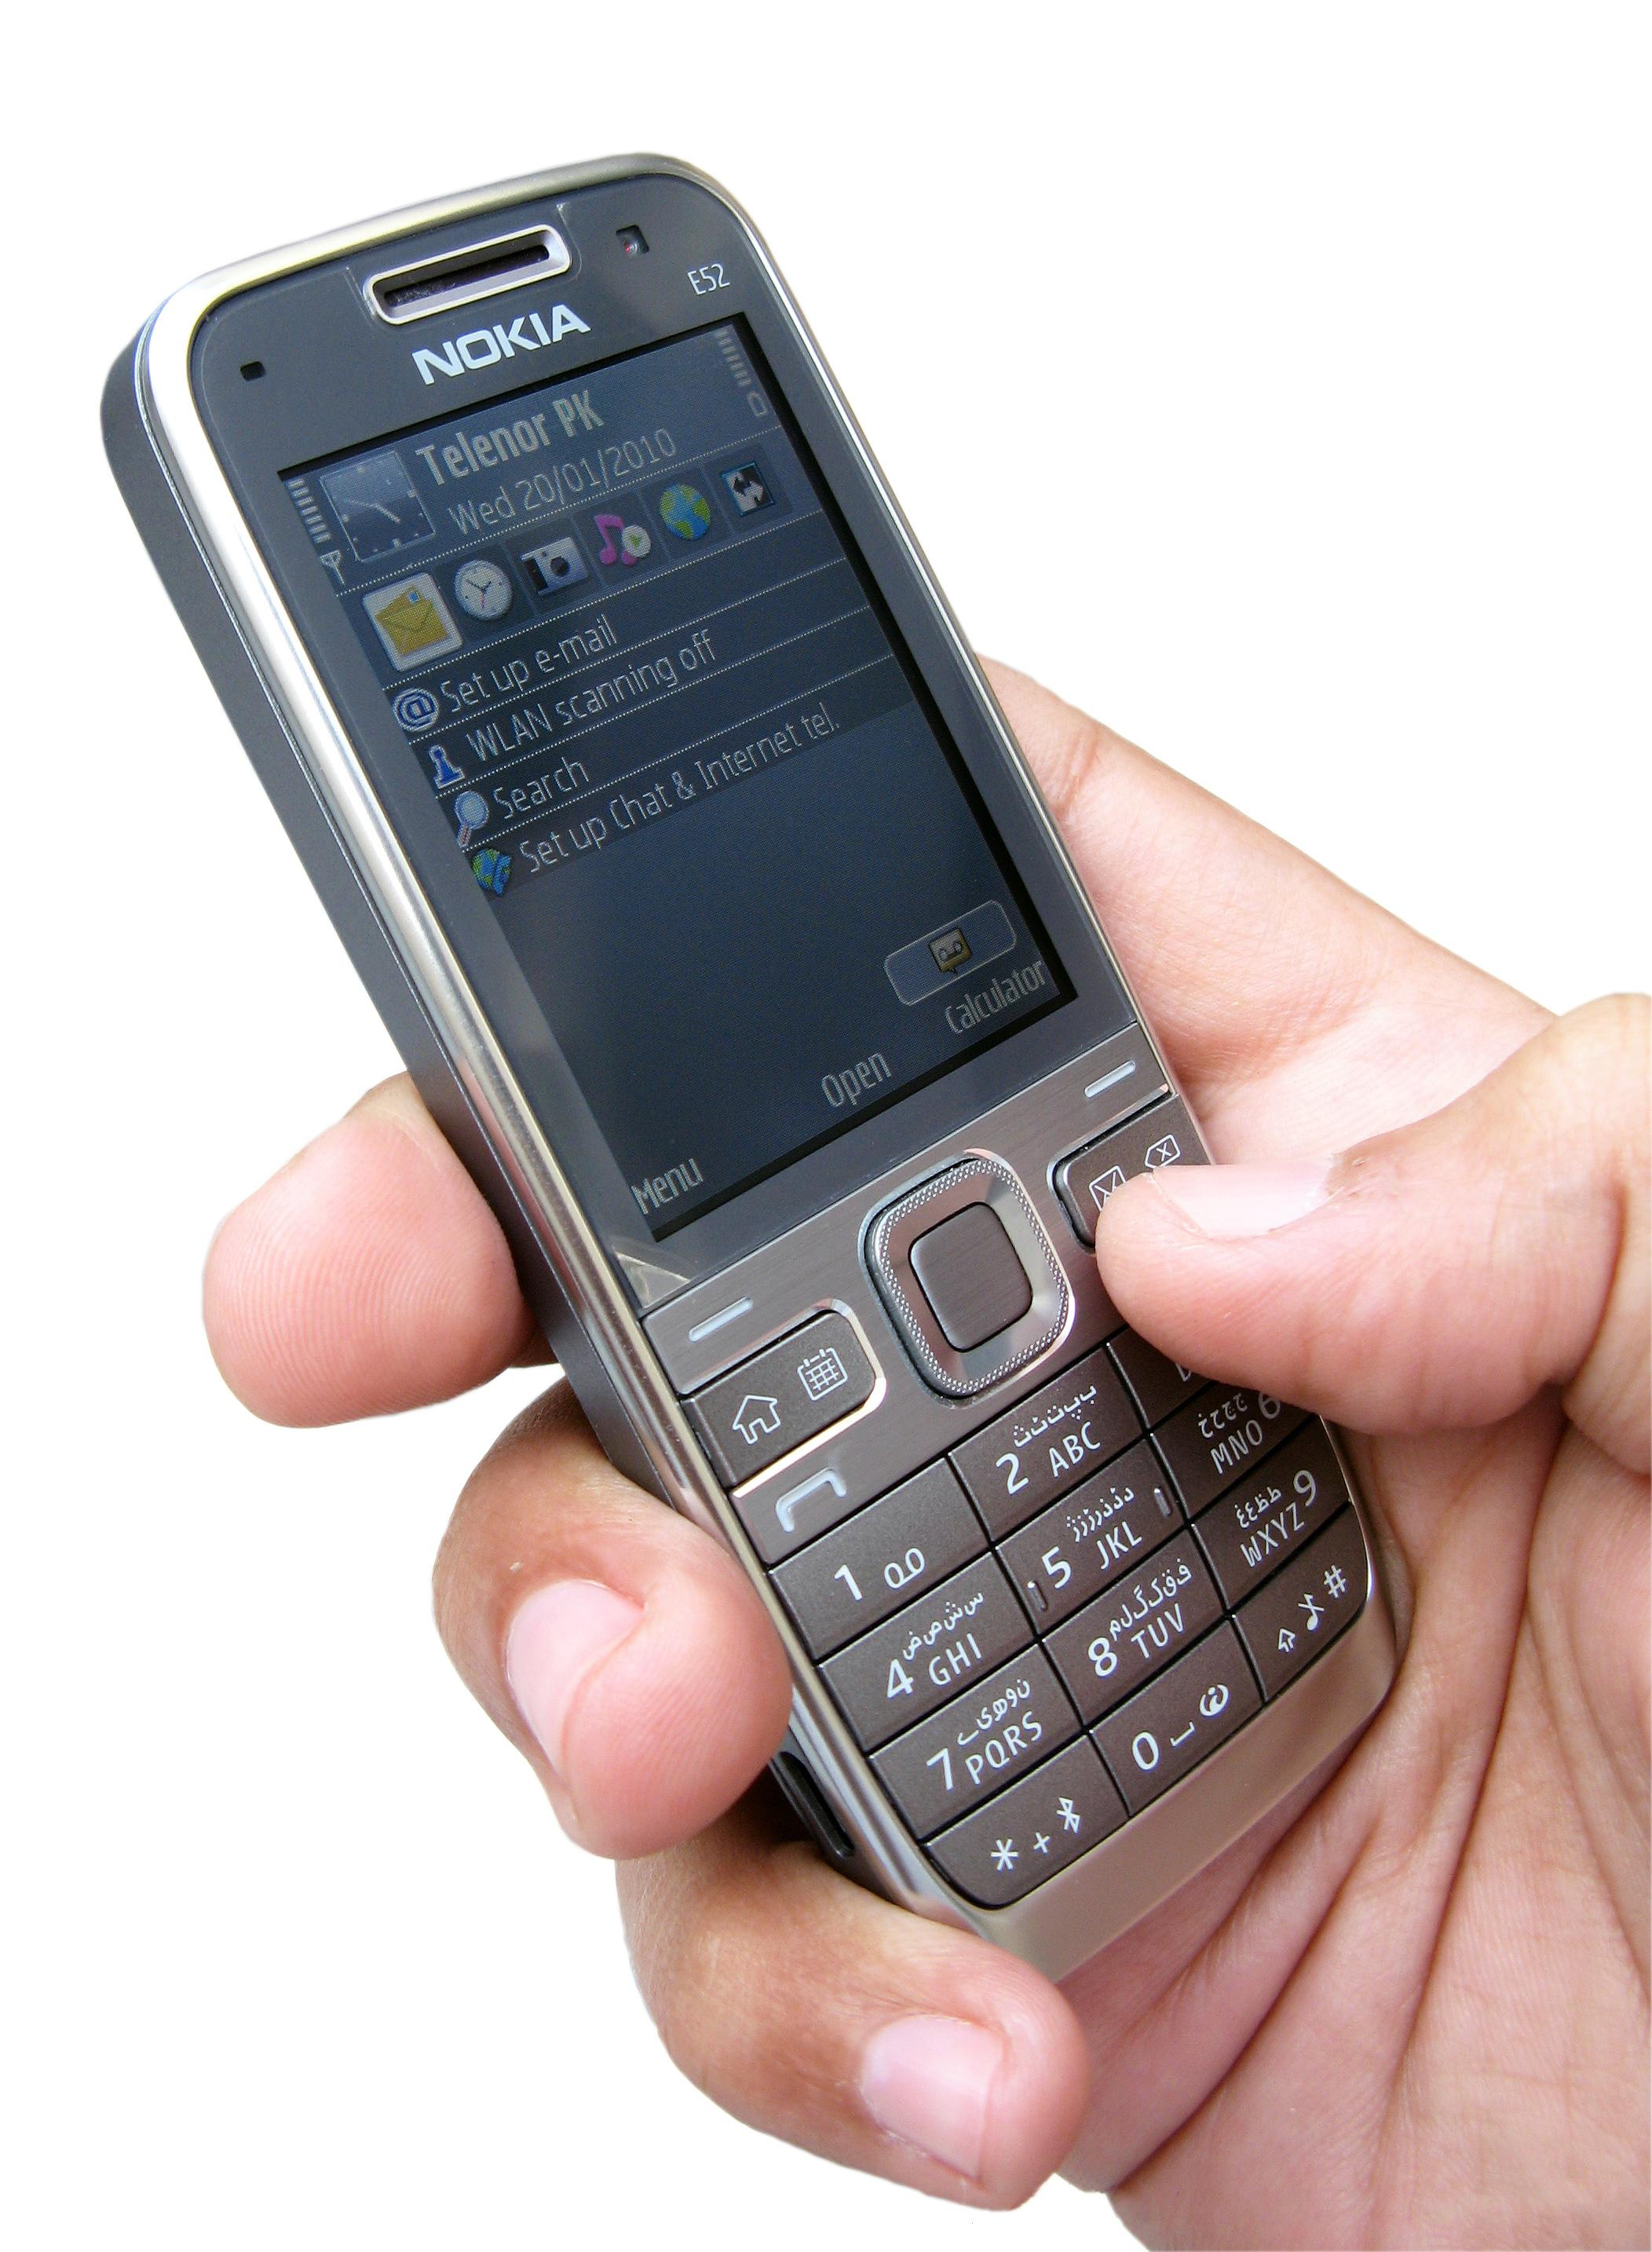 Nokia E52/E55 - Wikipedia